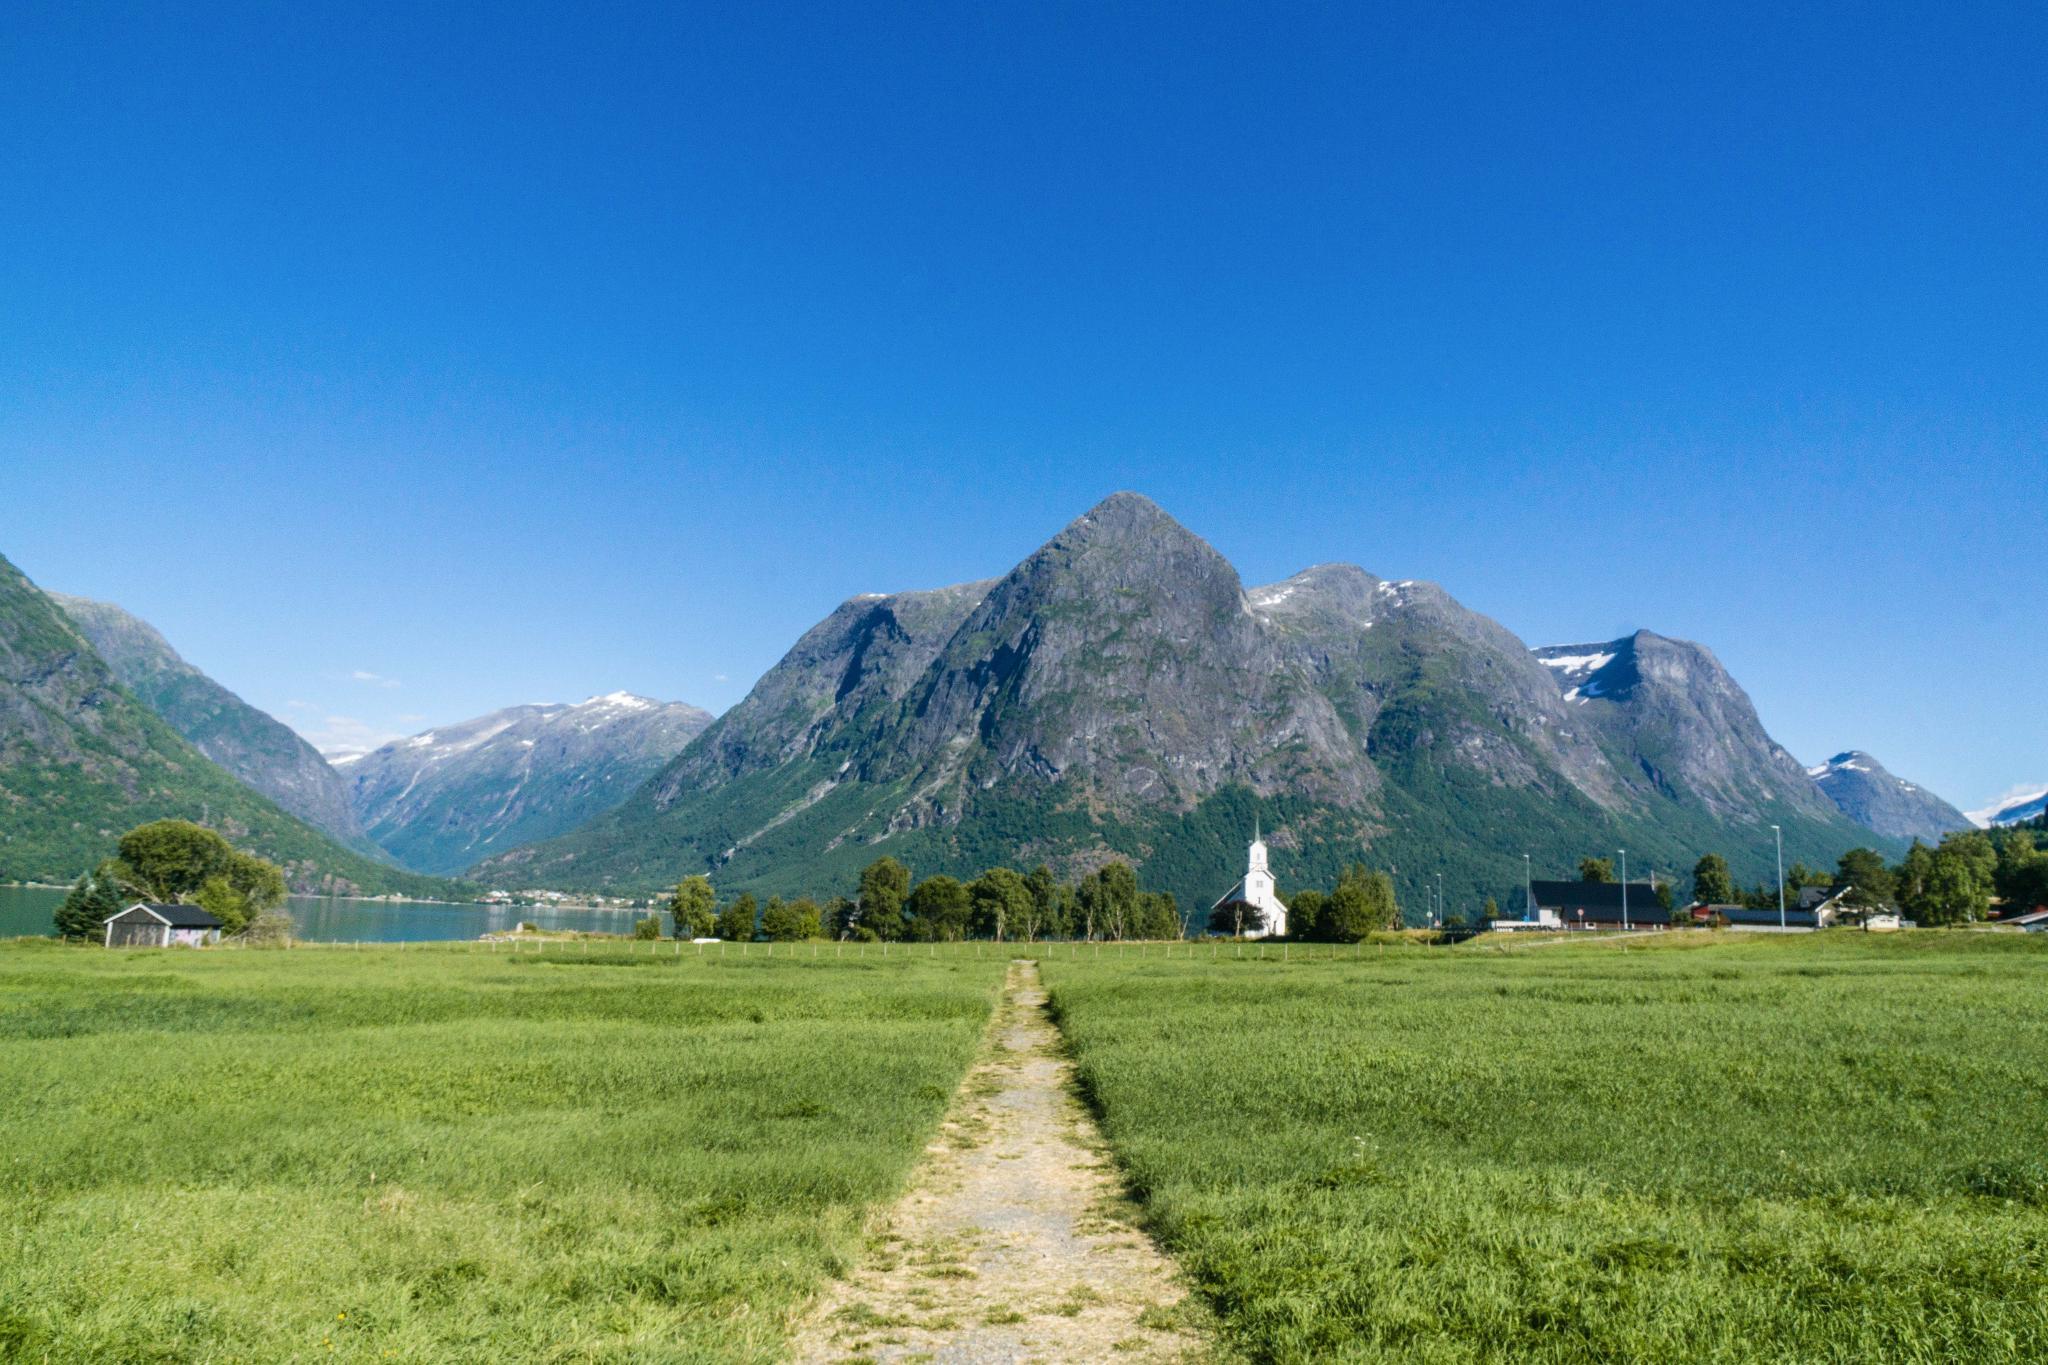 【北歐景點】朝聖歐洲大陸最大的冰河 - 挪威約詩達特冰河國家公園 (Jostedalsbreen National Park) 8